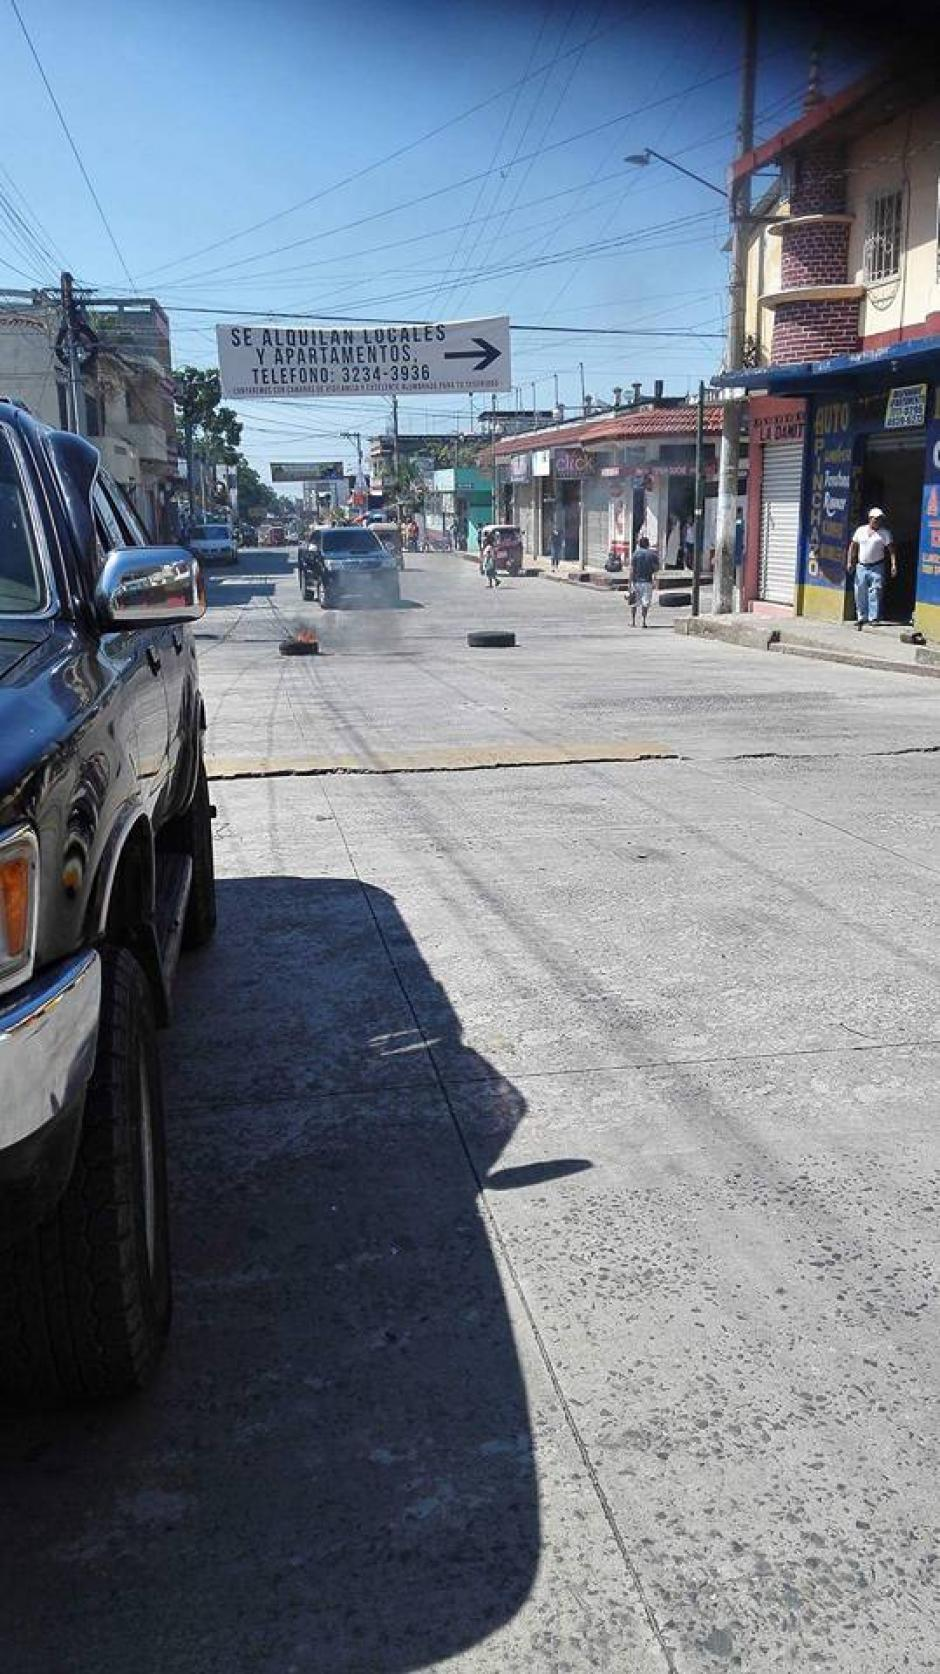 Las calles de Malacatán fueron cerrada por mototaxistas inconformes. (Foto: Noticias del Valle)